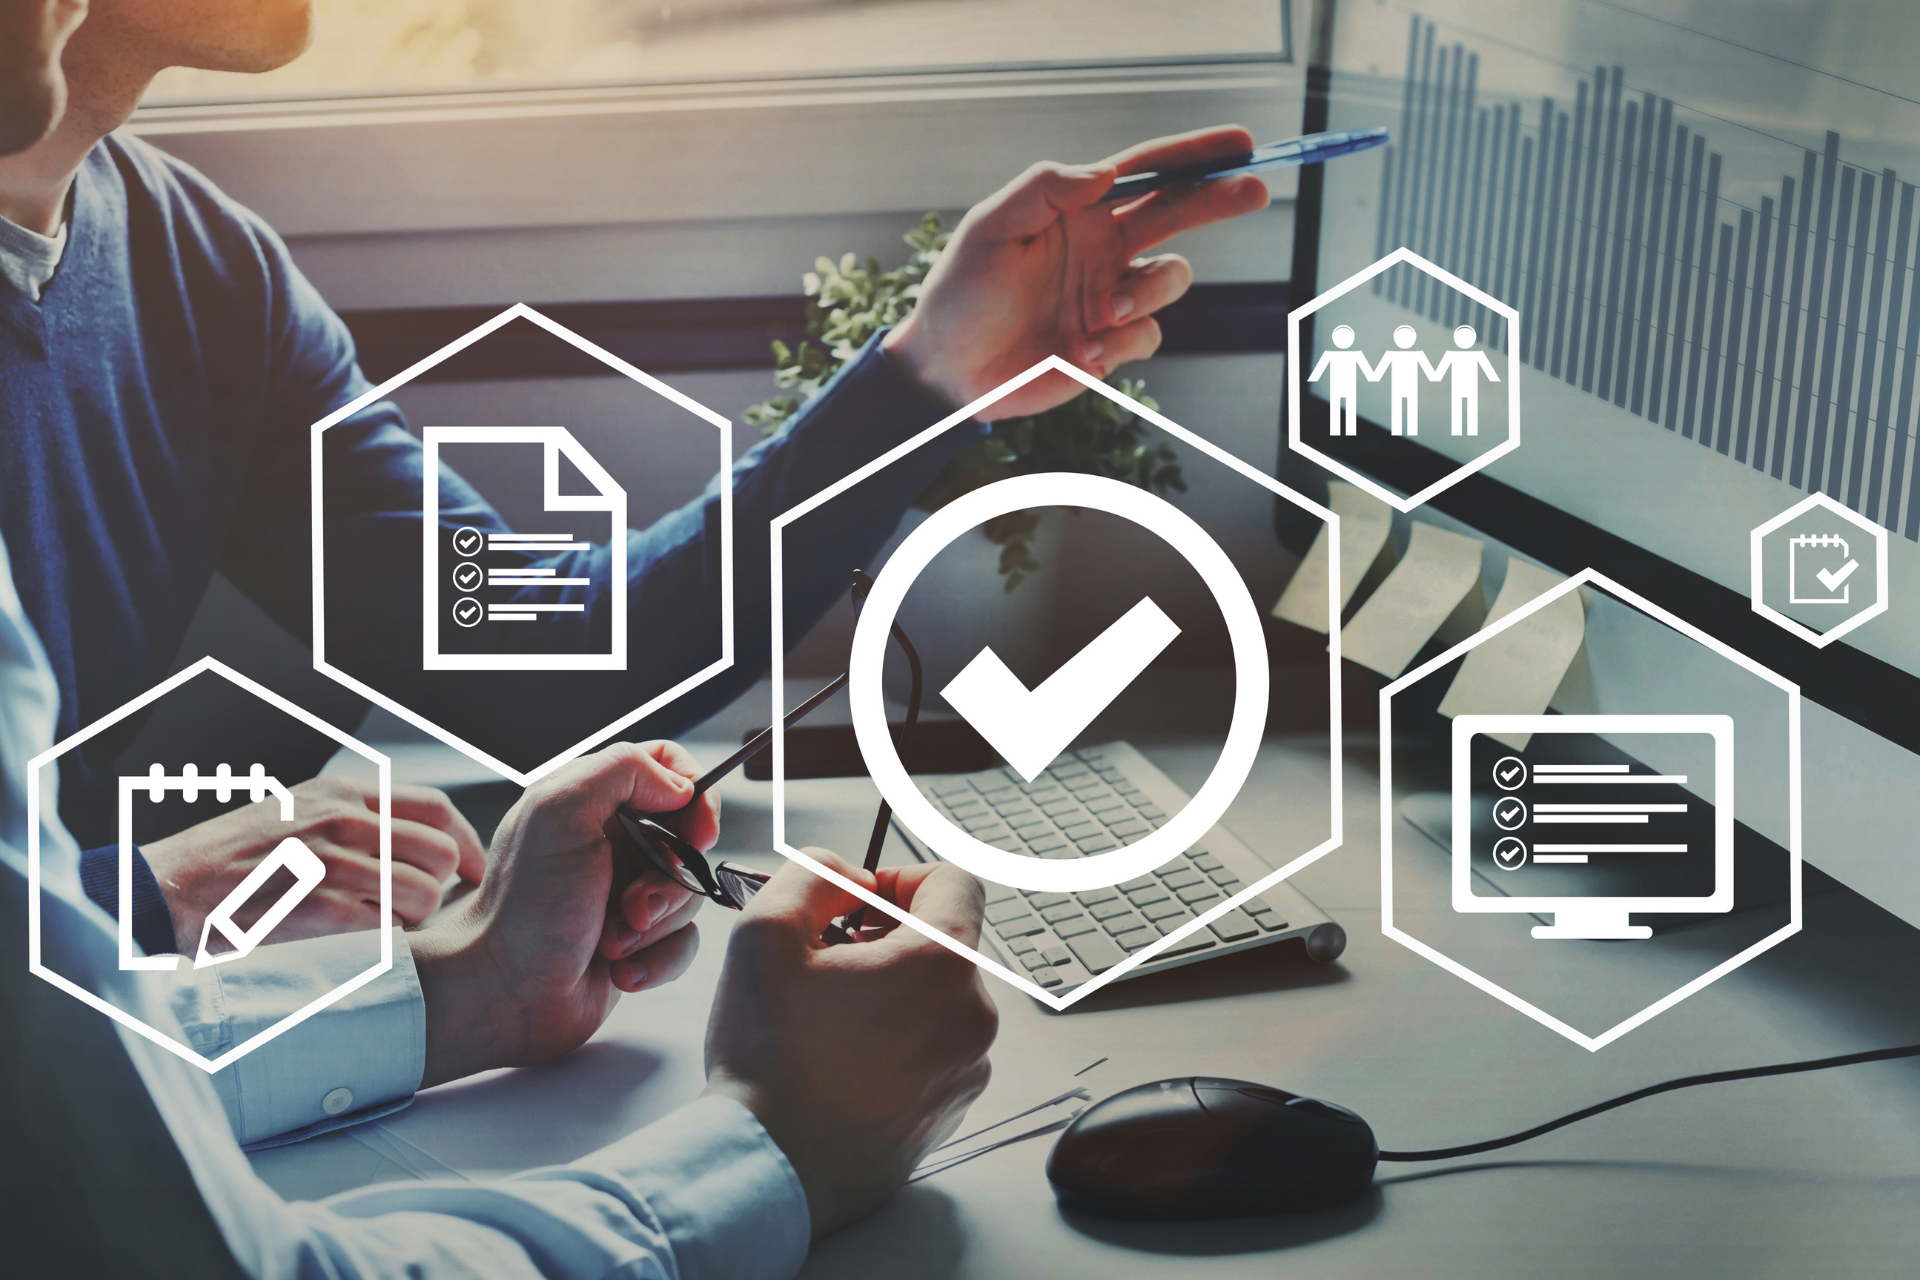 Obtenir une certification : se faire accompagner par un expert-comptable